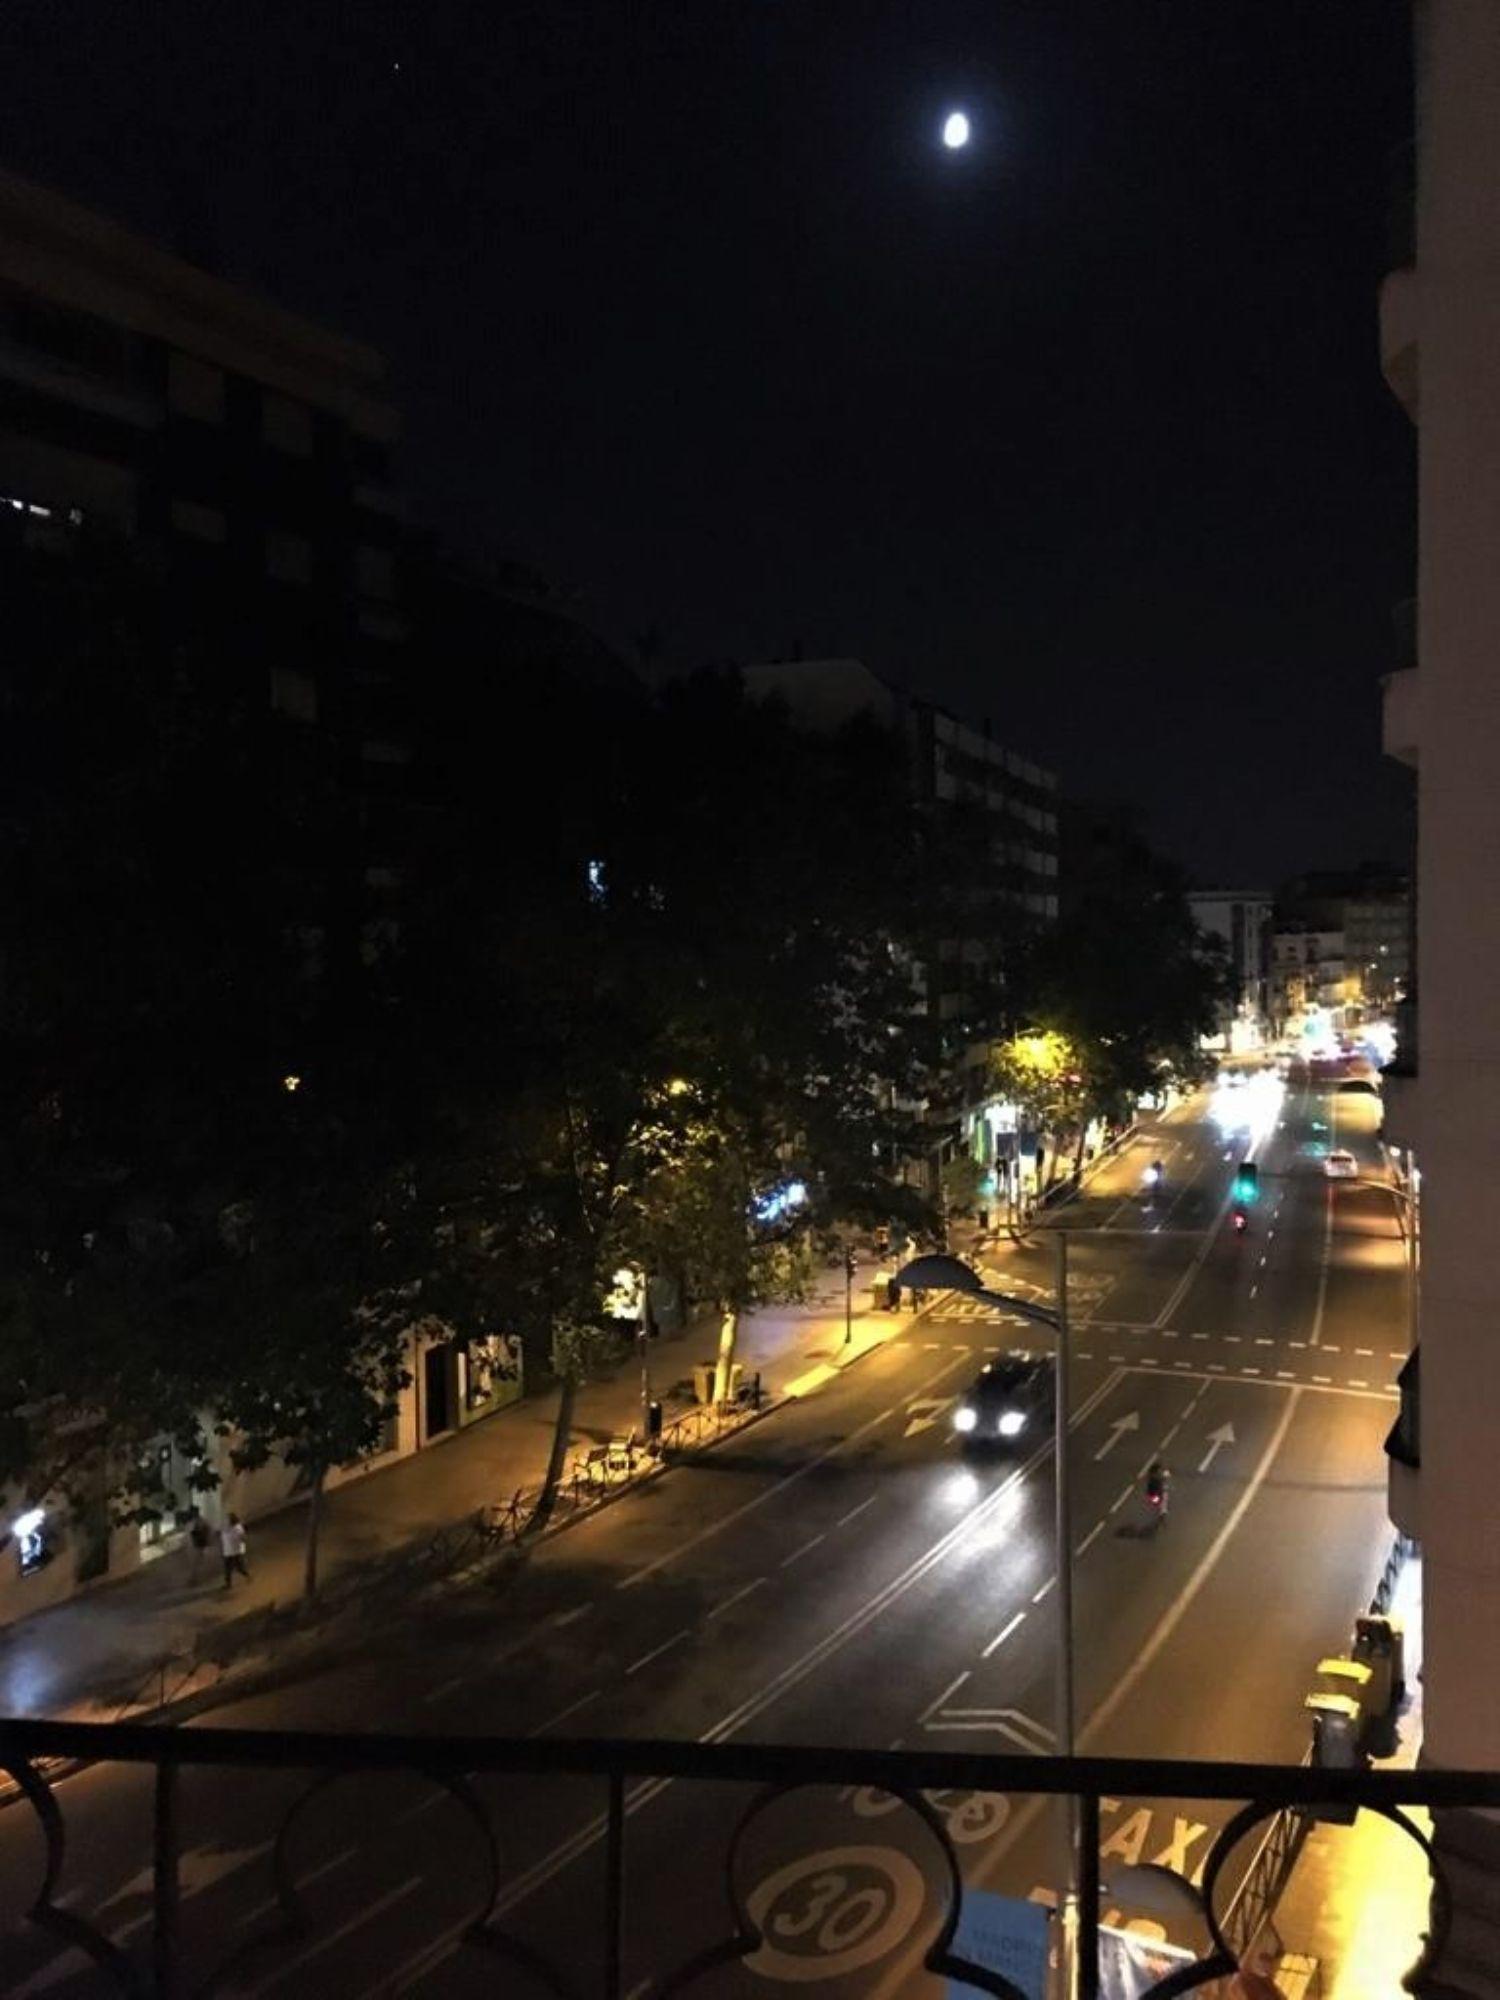 Ático en venta, de Bravo Murillo, Madrid